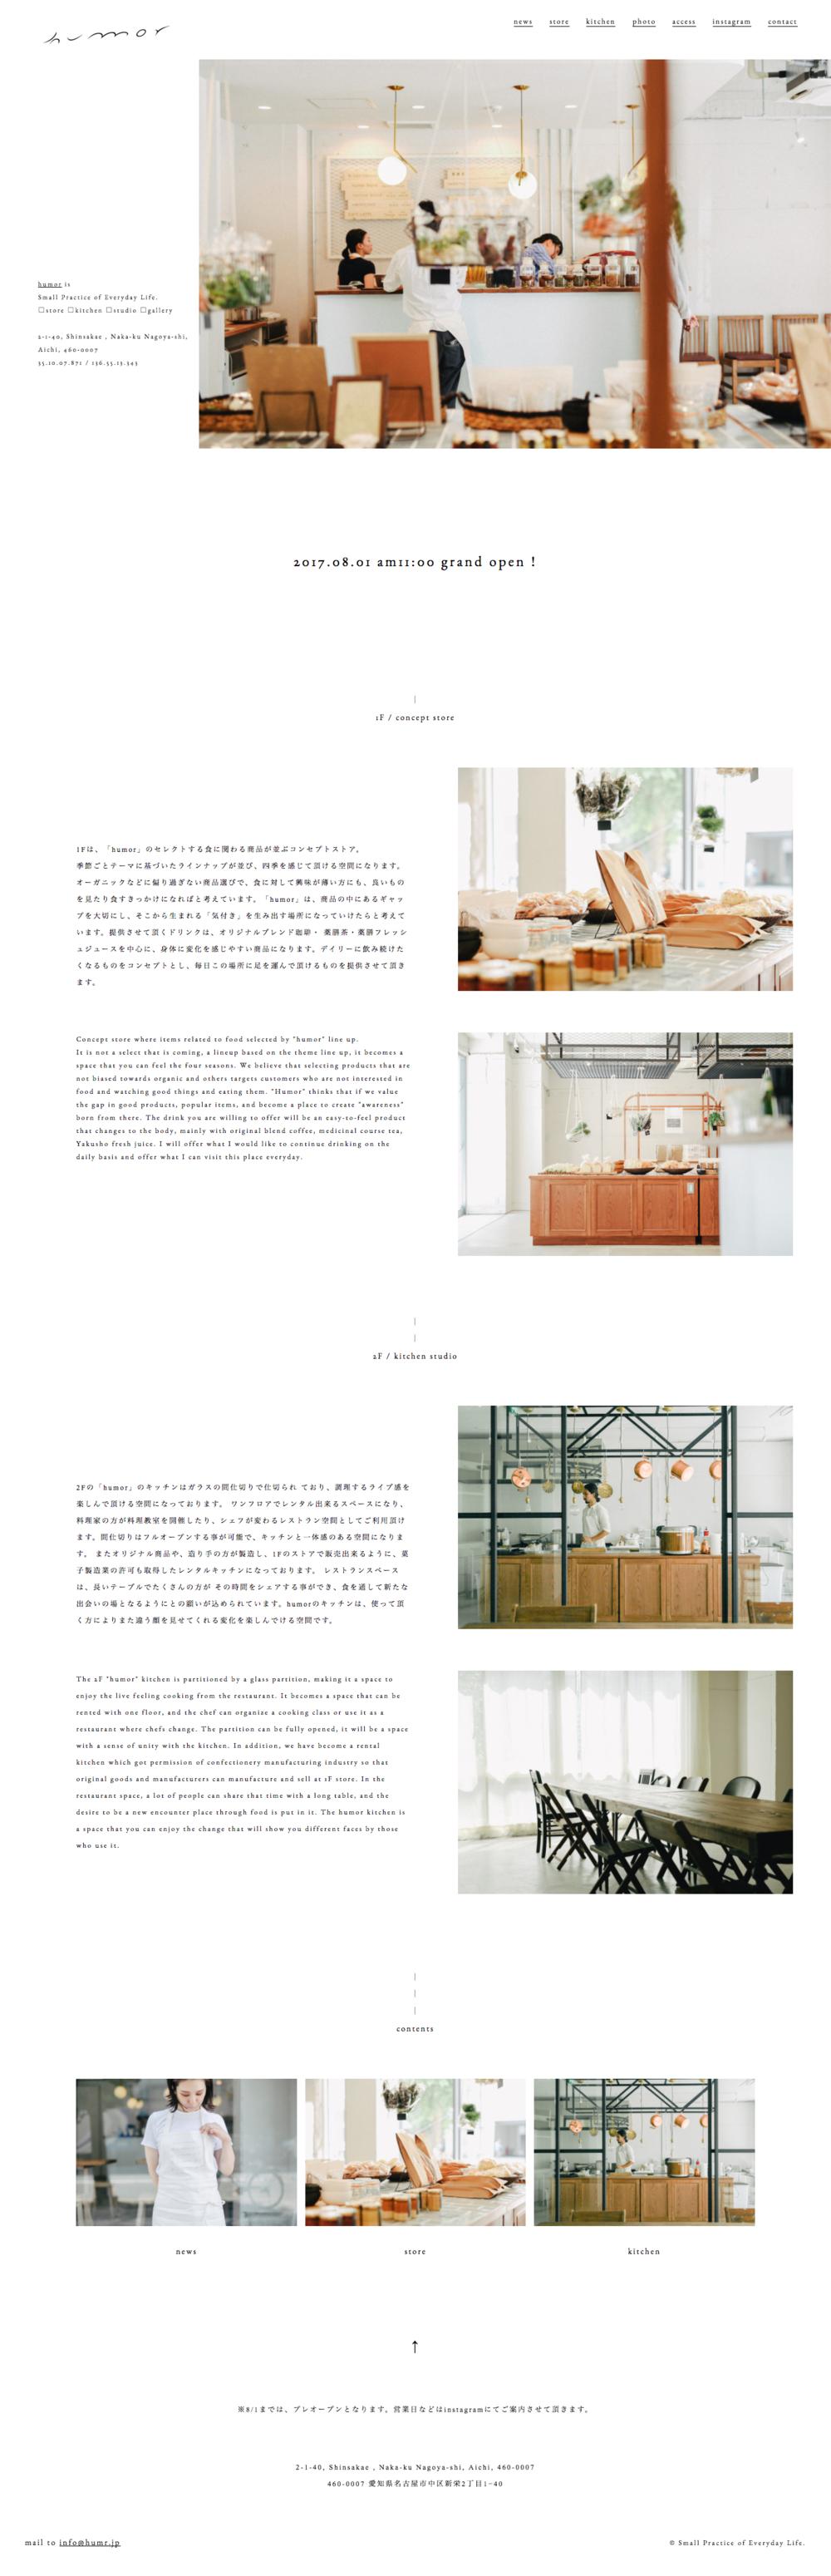 screencapture-humr-jp-wp-1504835849397.png